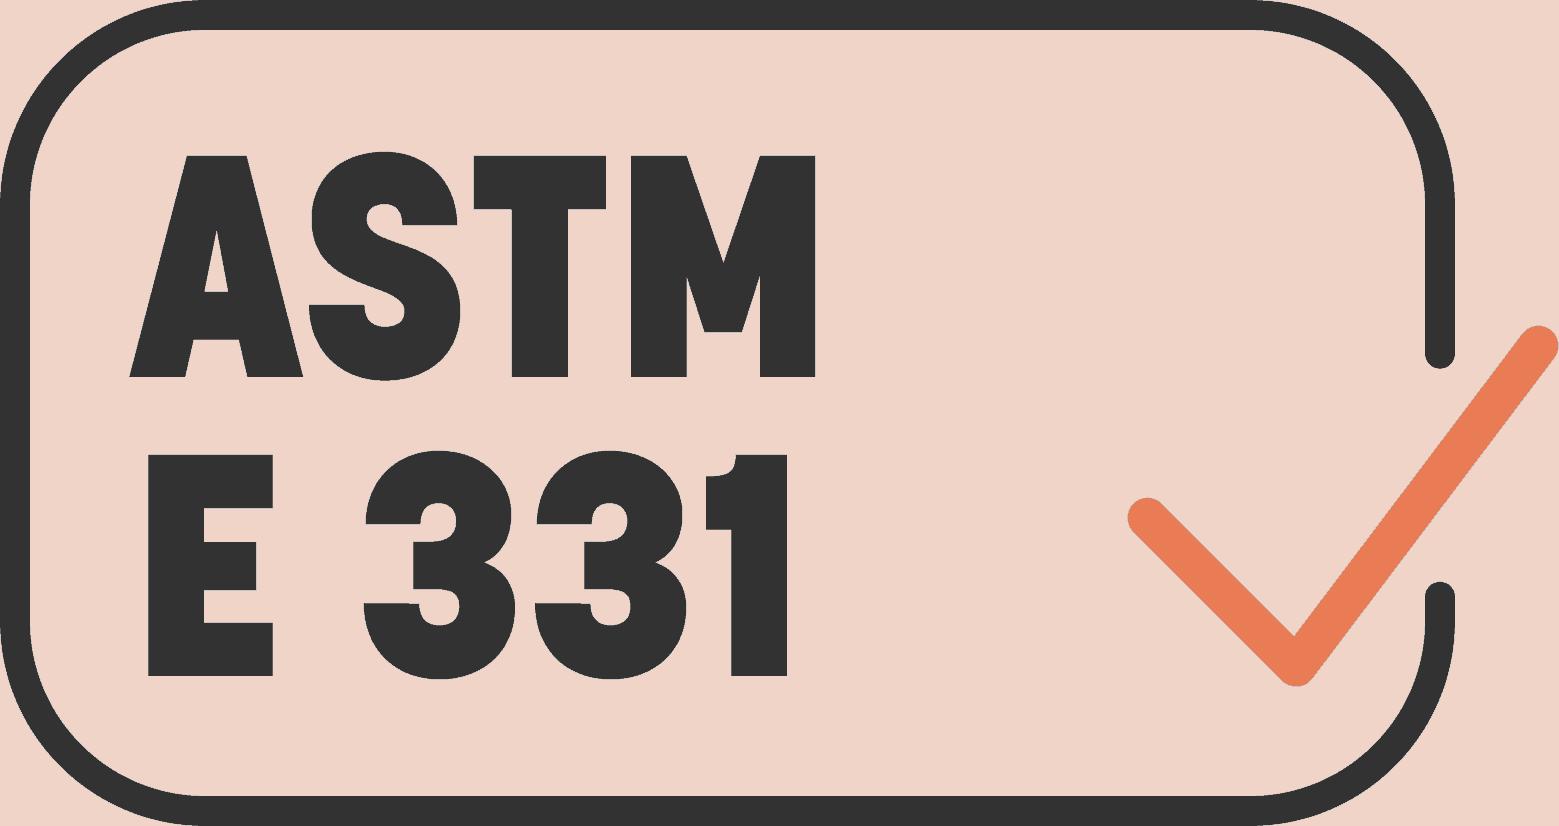 ASTM E 331